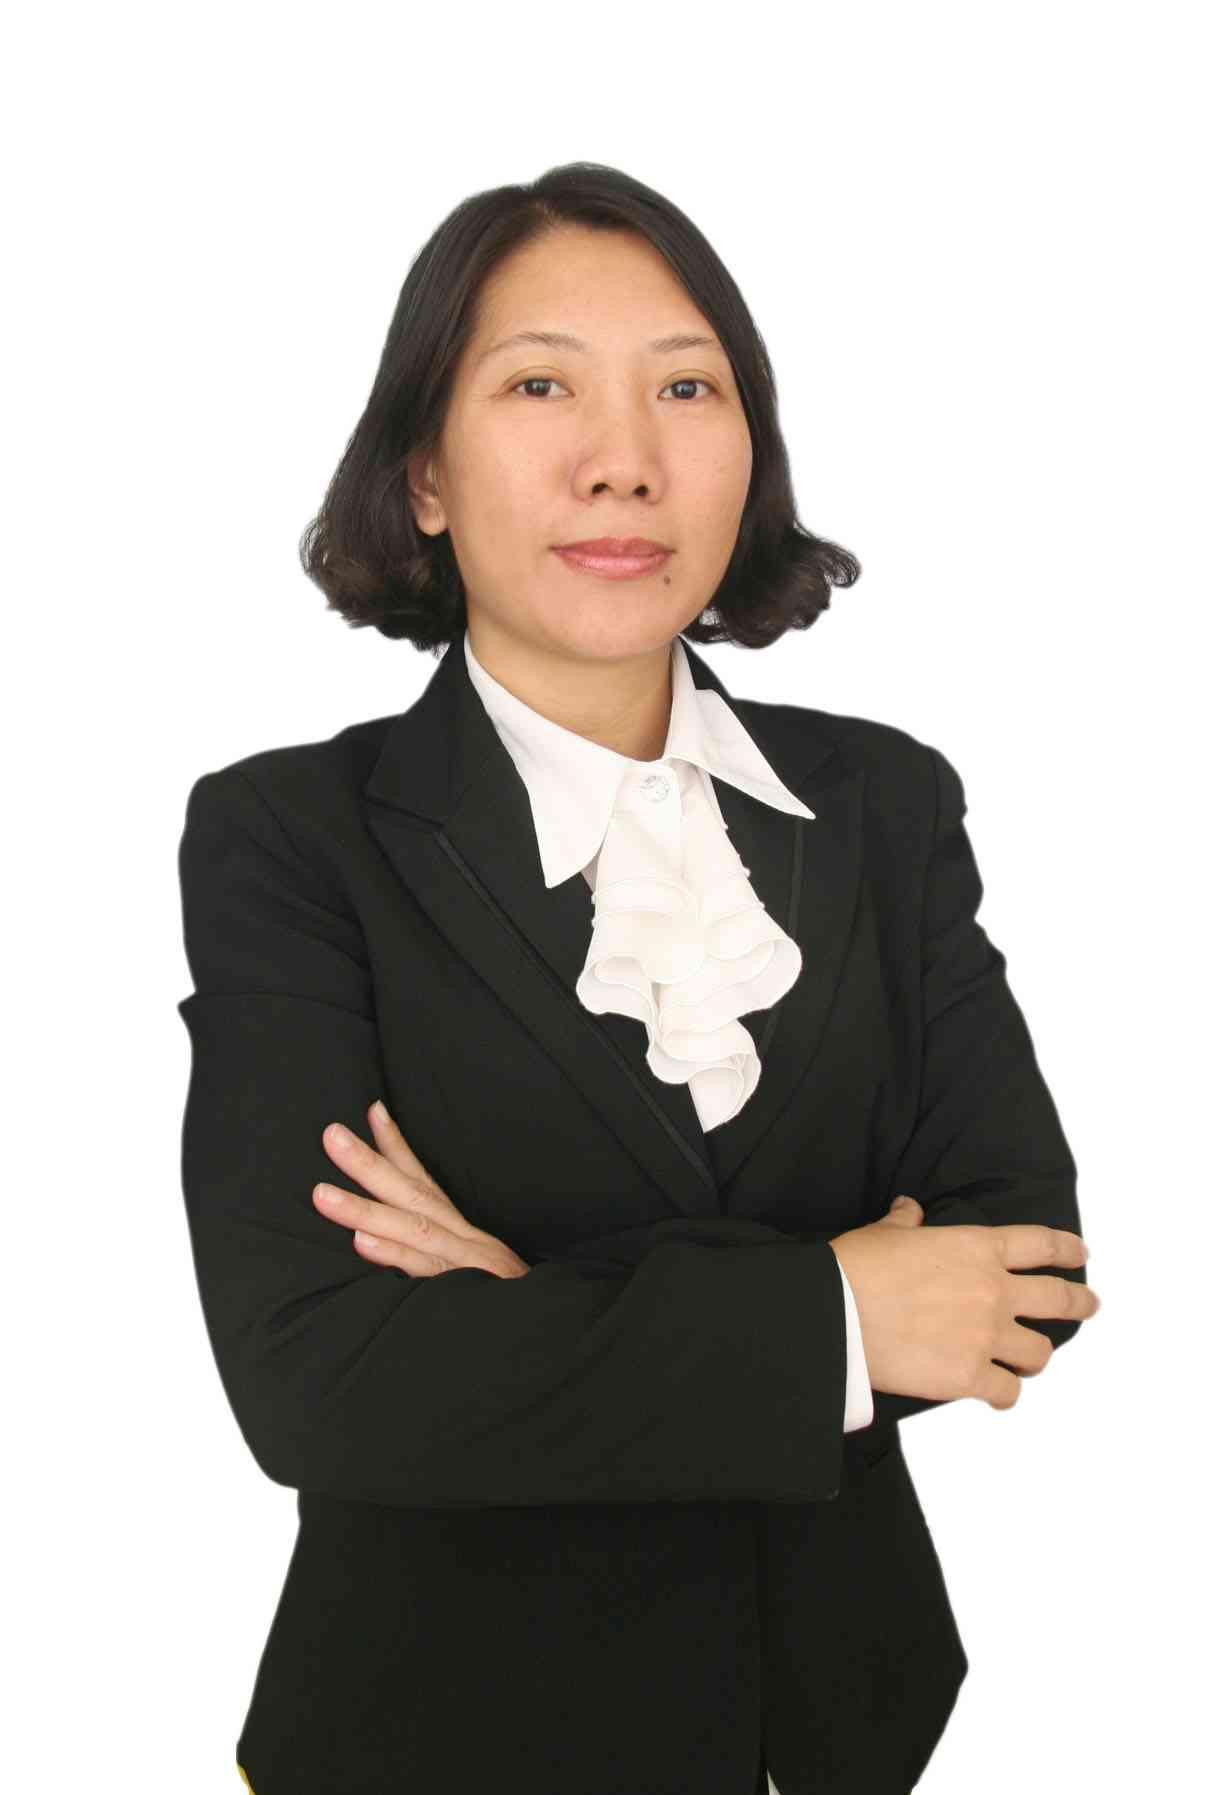 广东广州萝岗中国人寿代理人陈水莹的个人名片